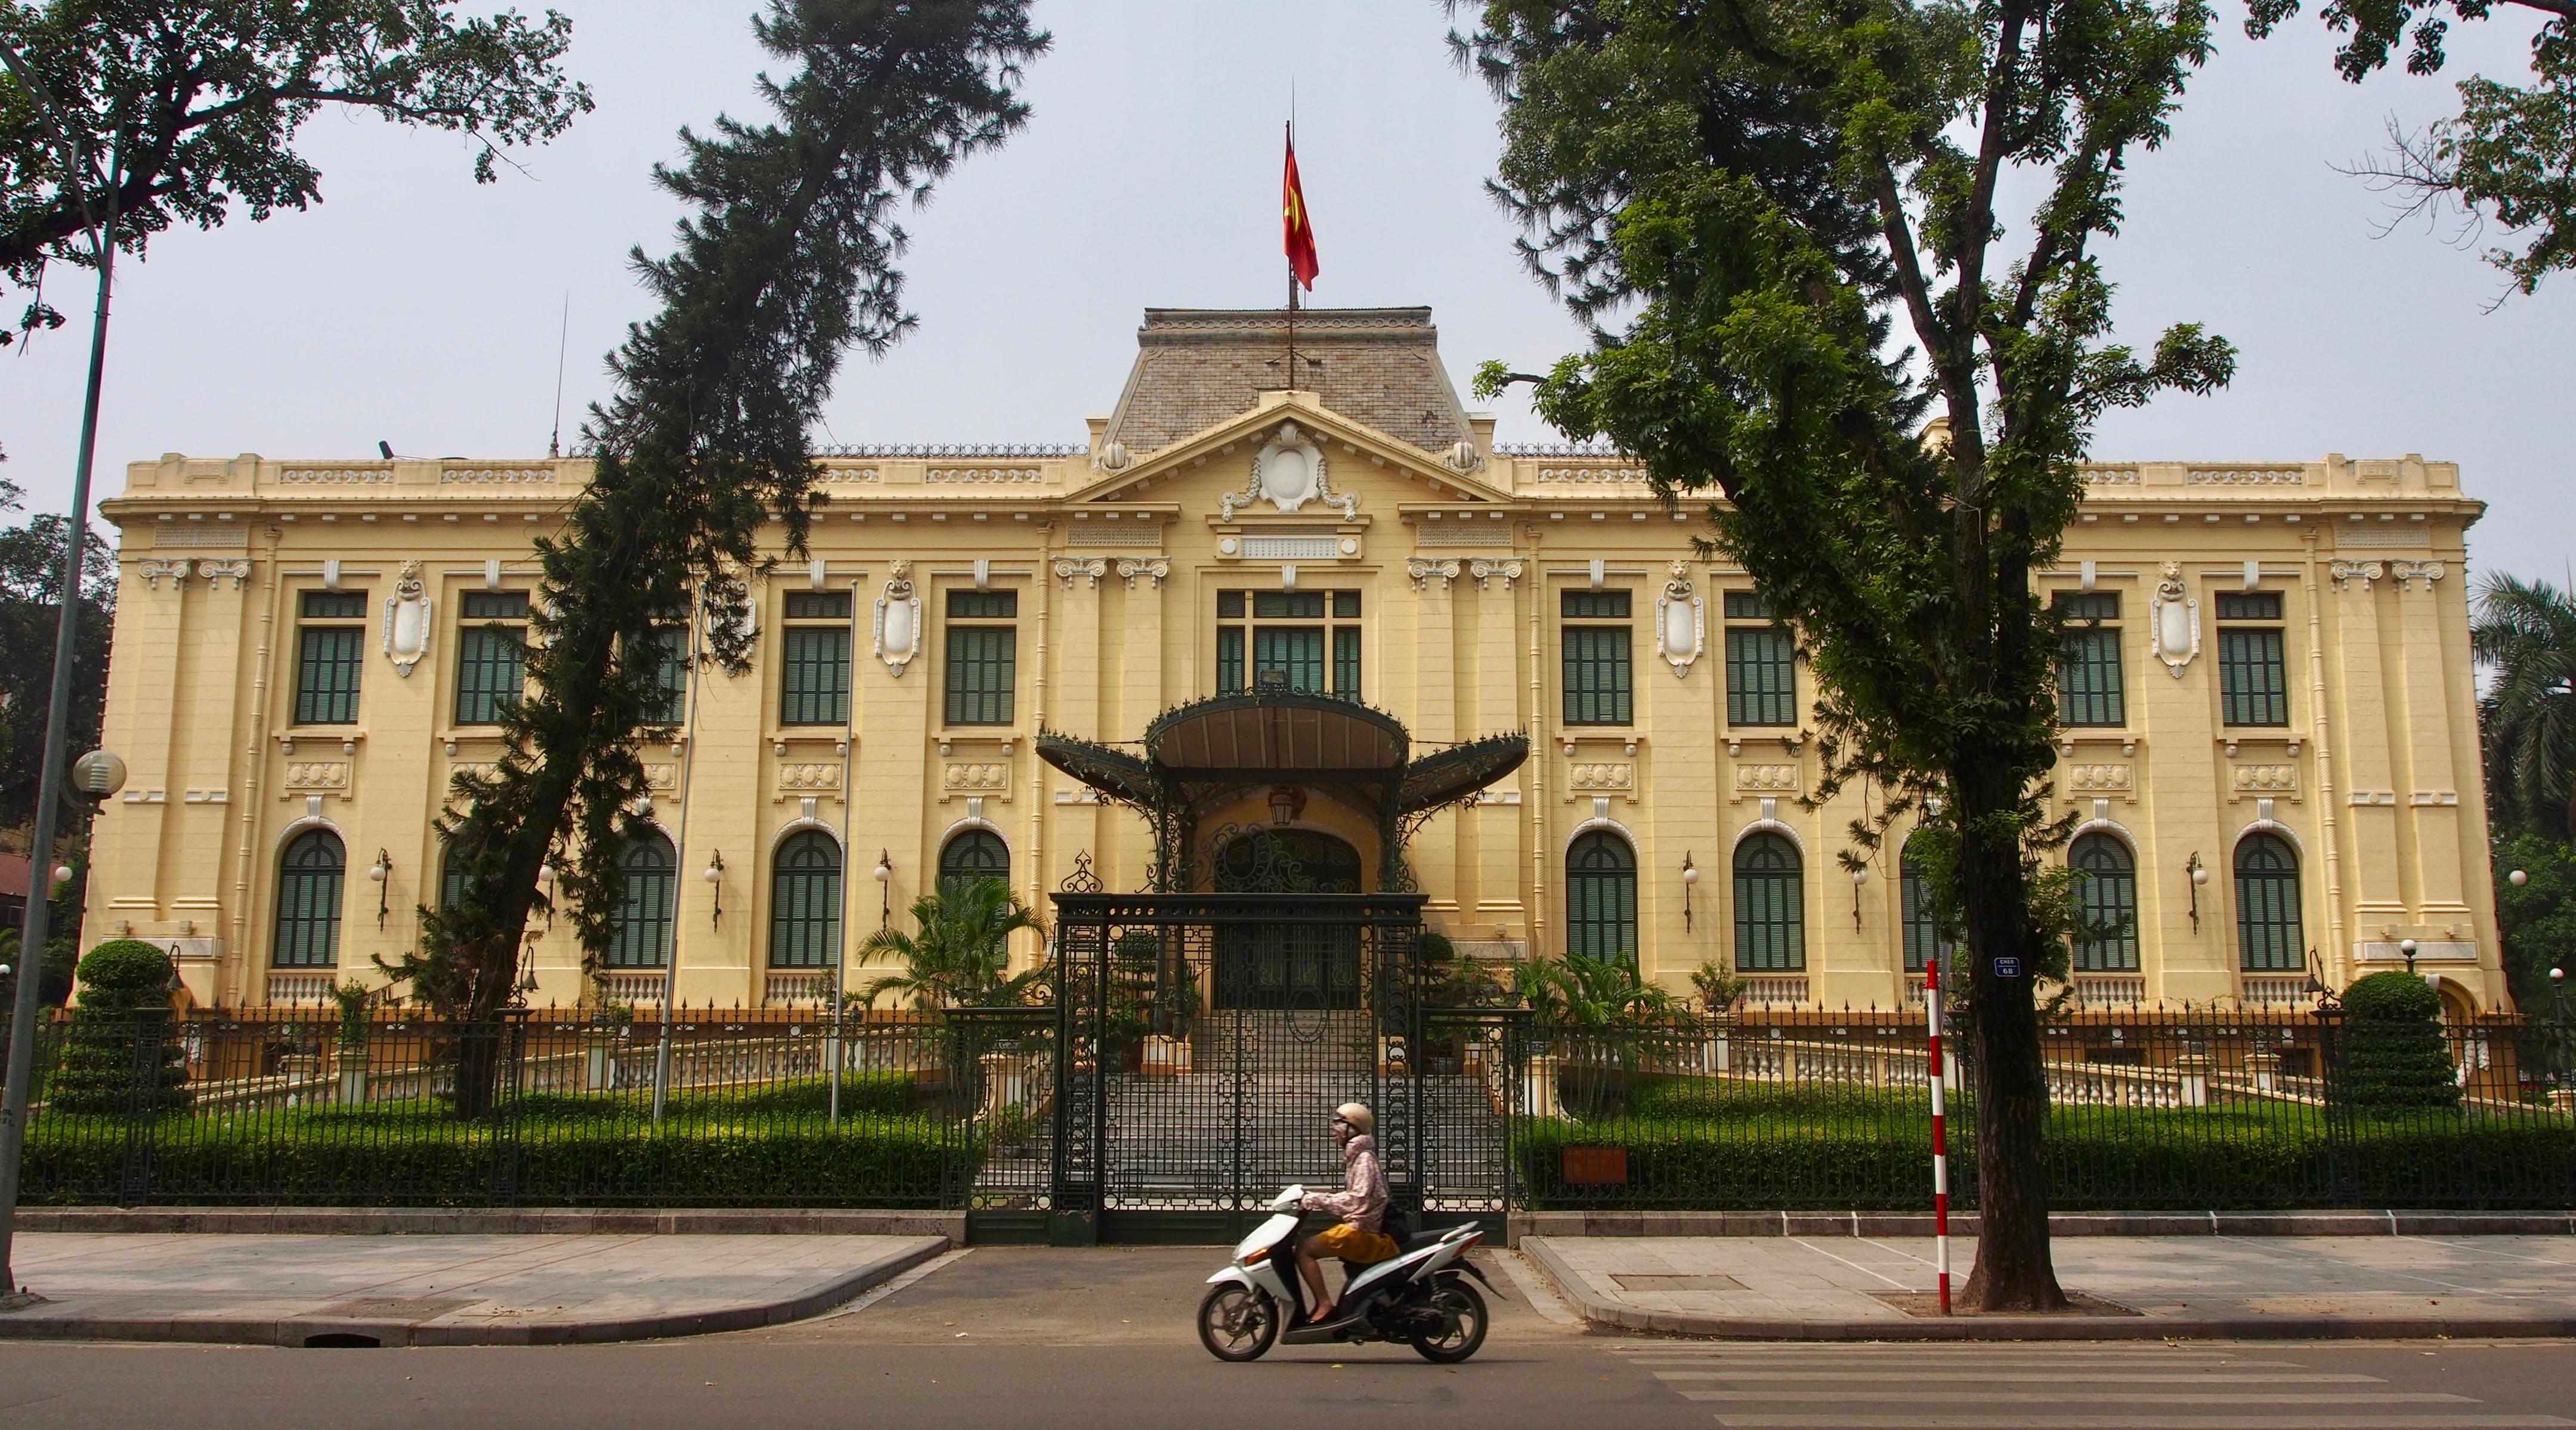 Bắc Bộ phủ – Wikipedia tiếng Việt